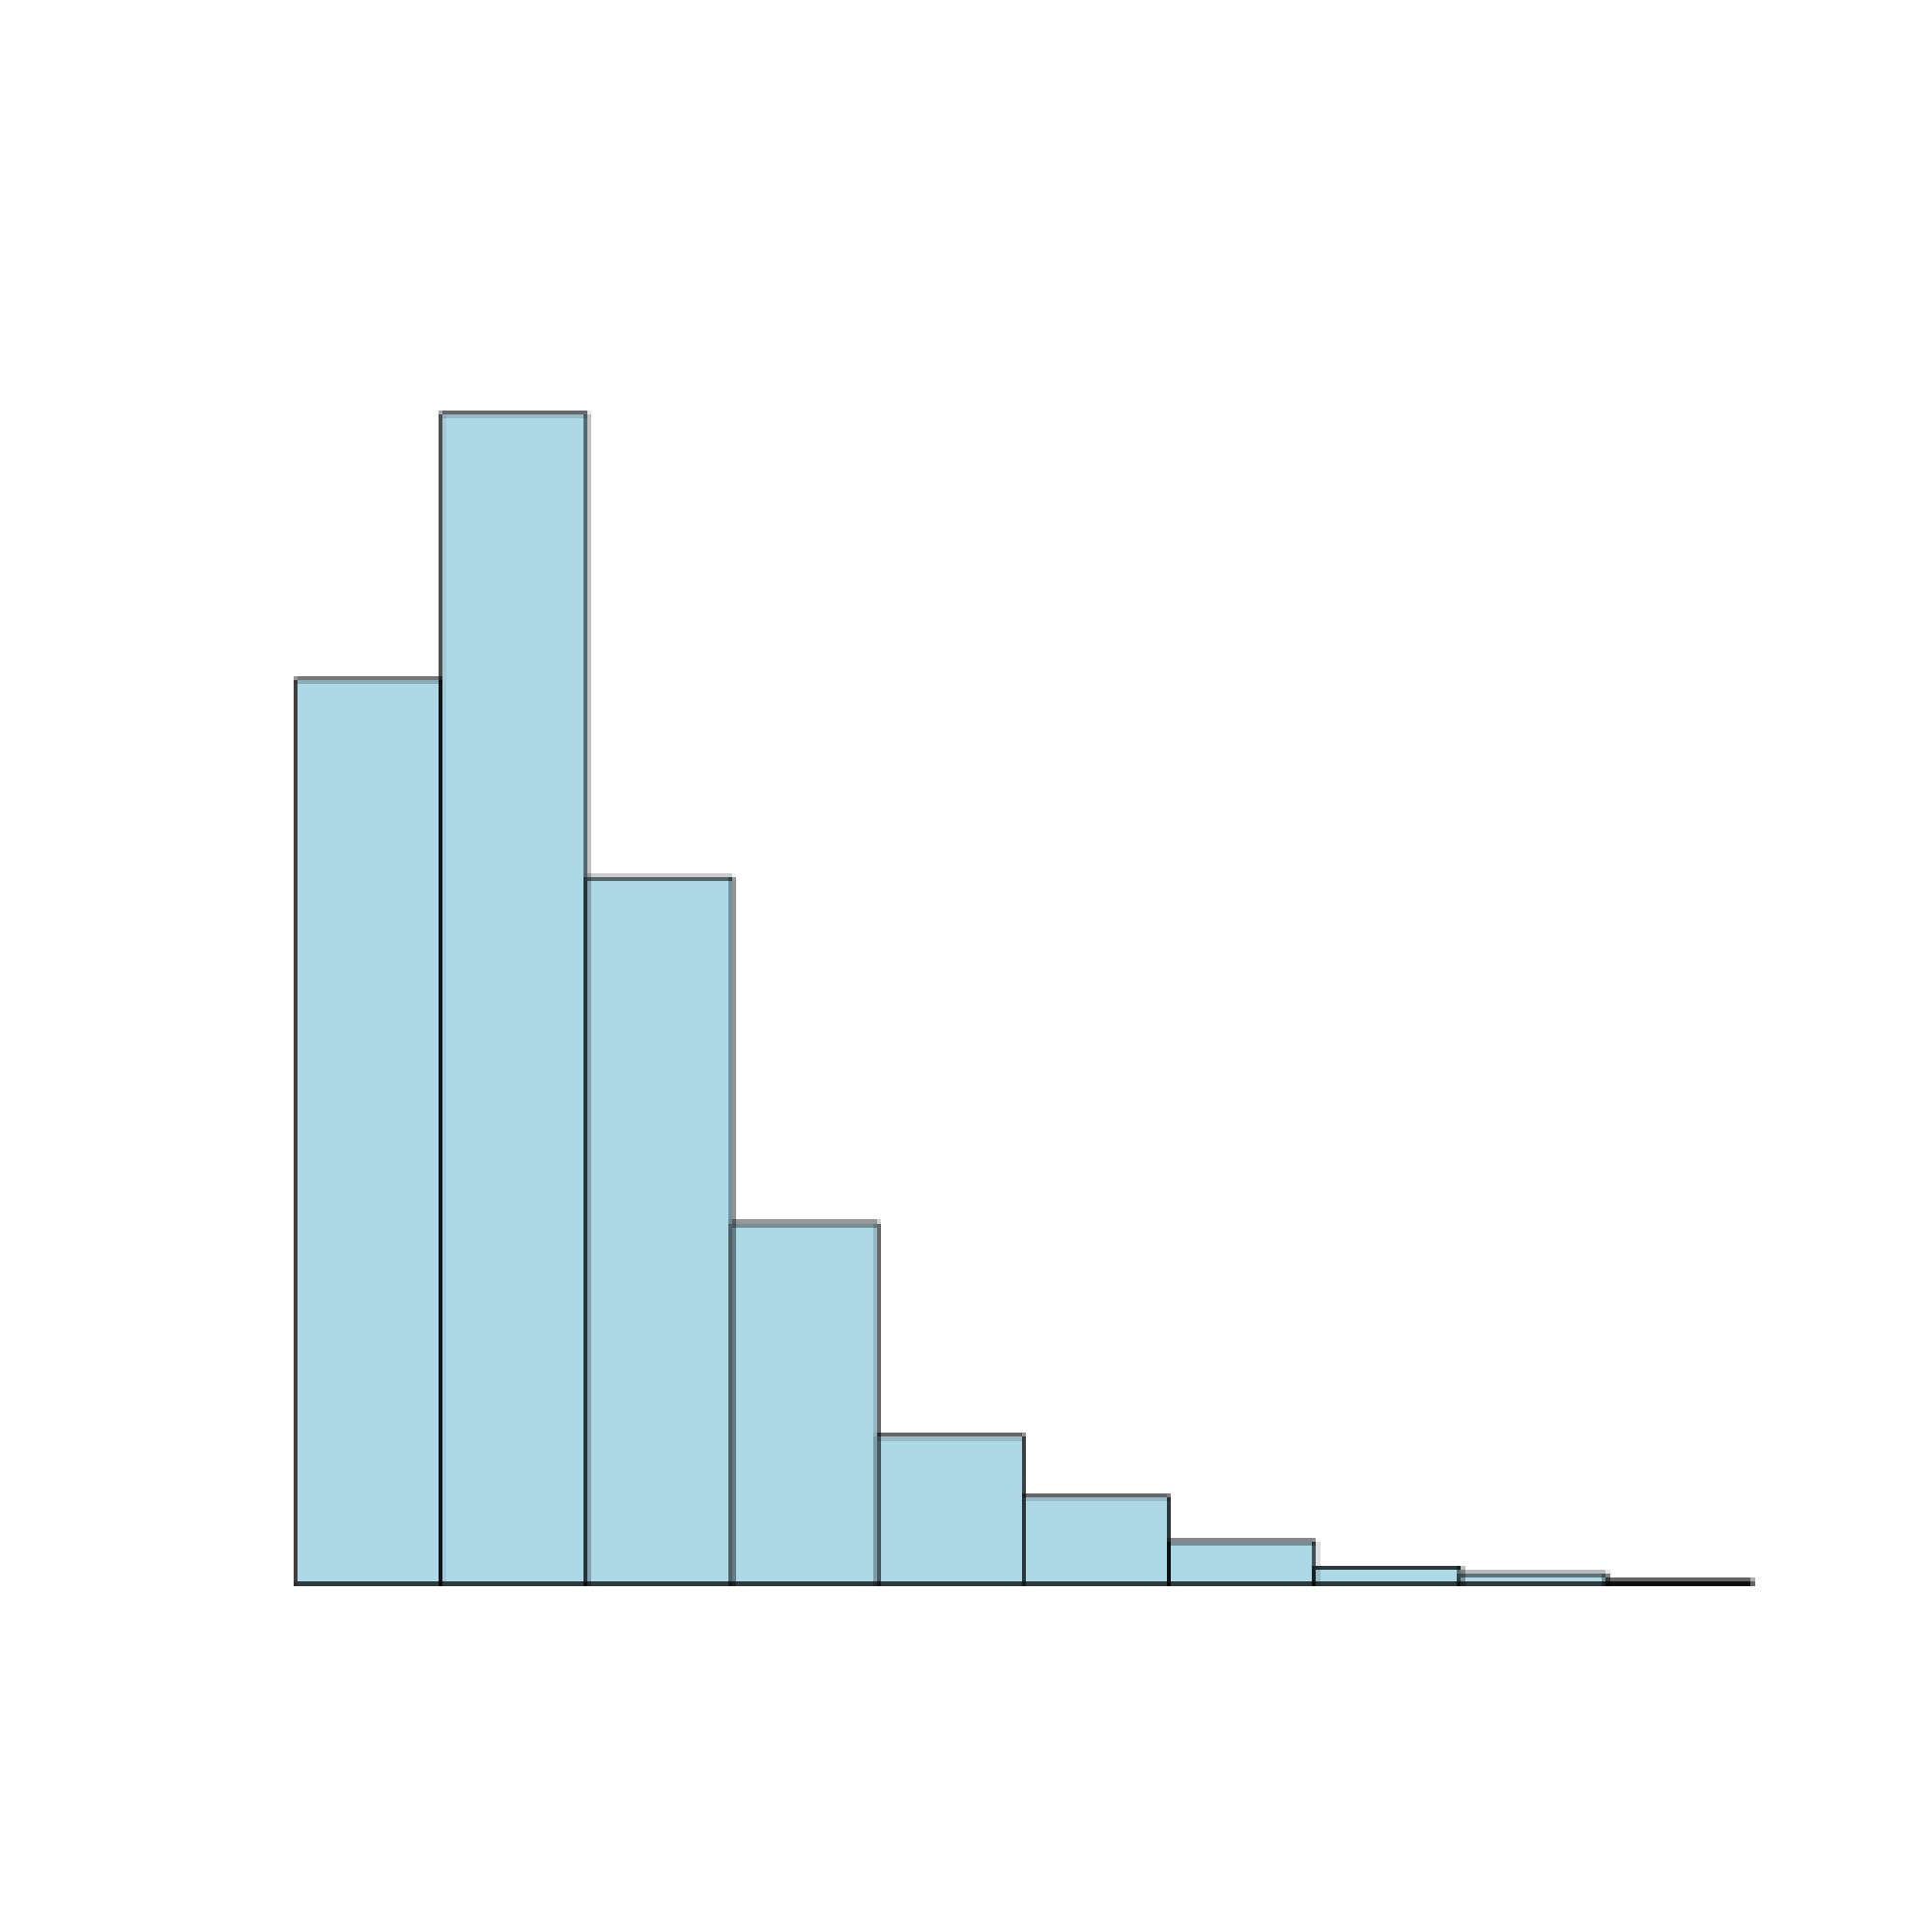 Positively skewed histogram